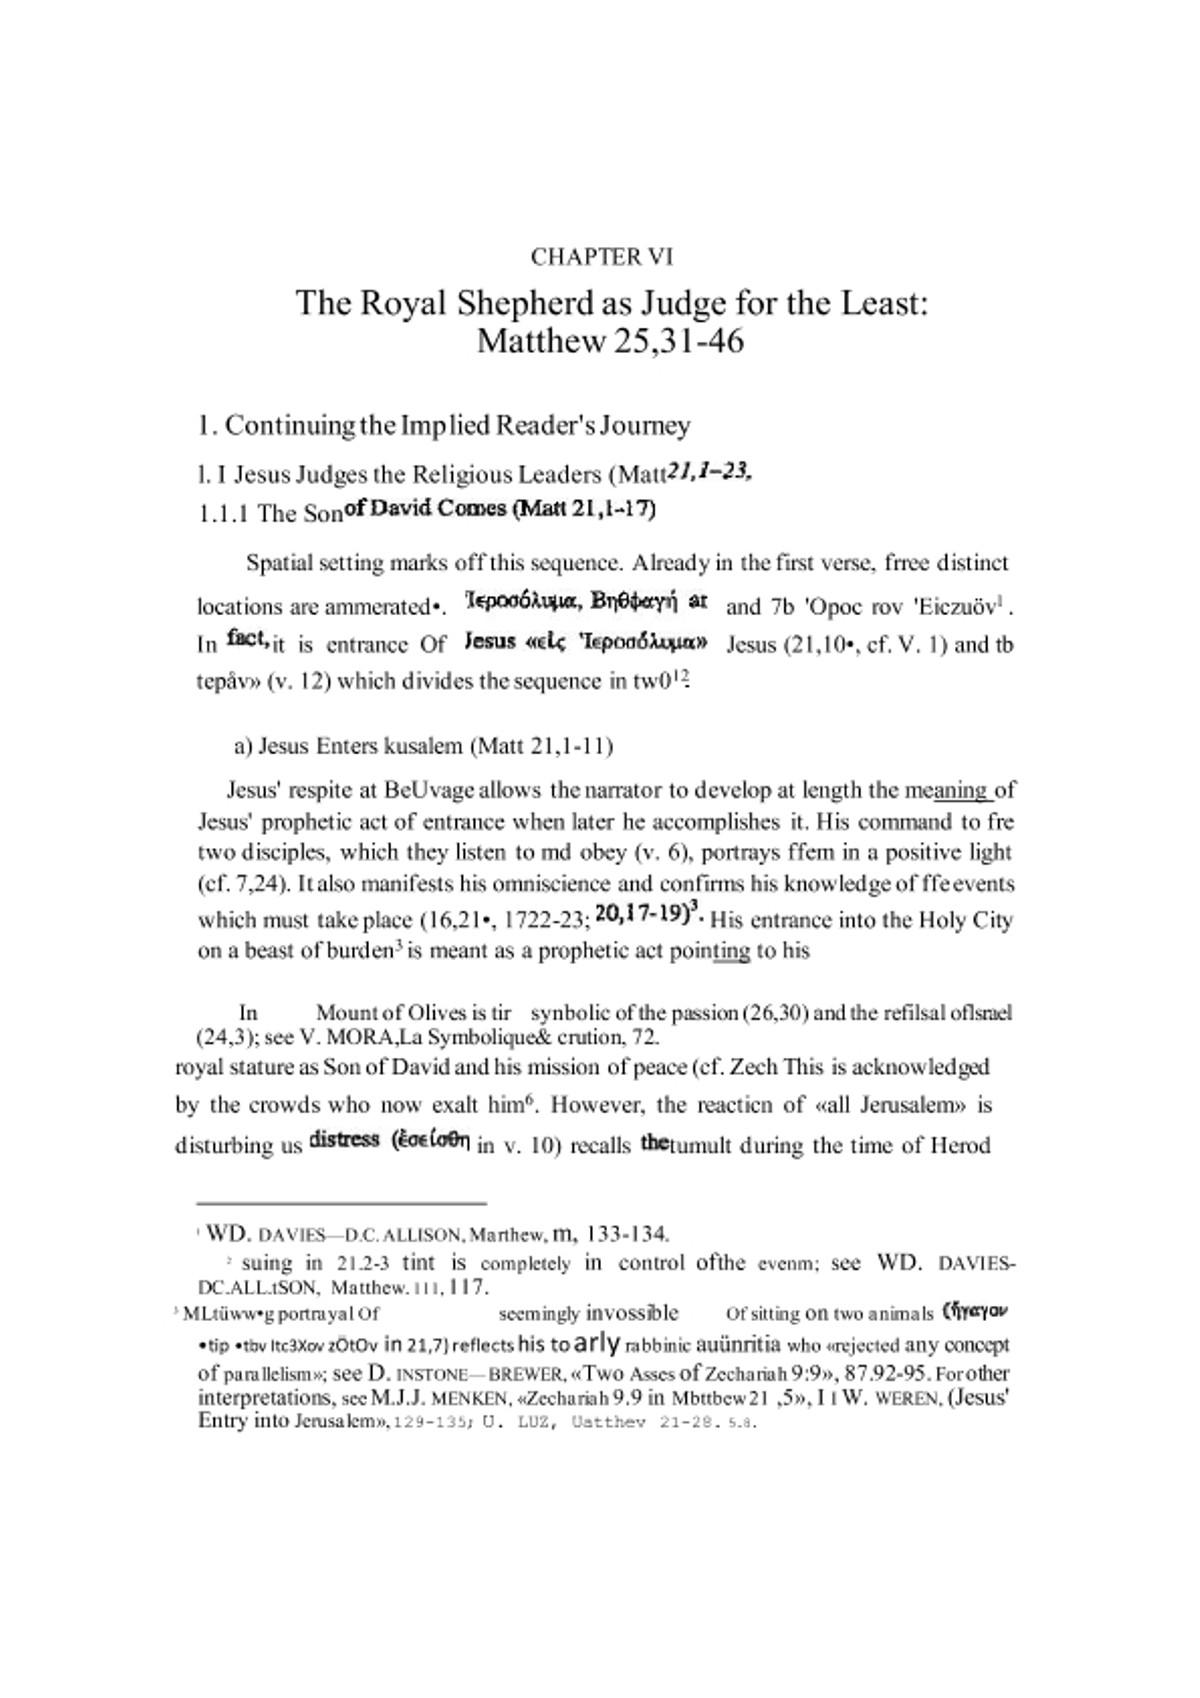 Pre-visualização do material A Portrayal of Jesus in the Gospel of Matthew _ A Narrative-Critical and Theological Study - página 1